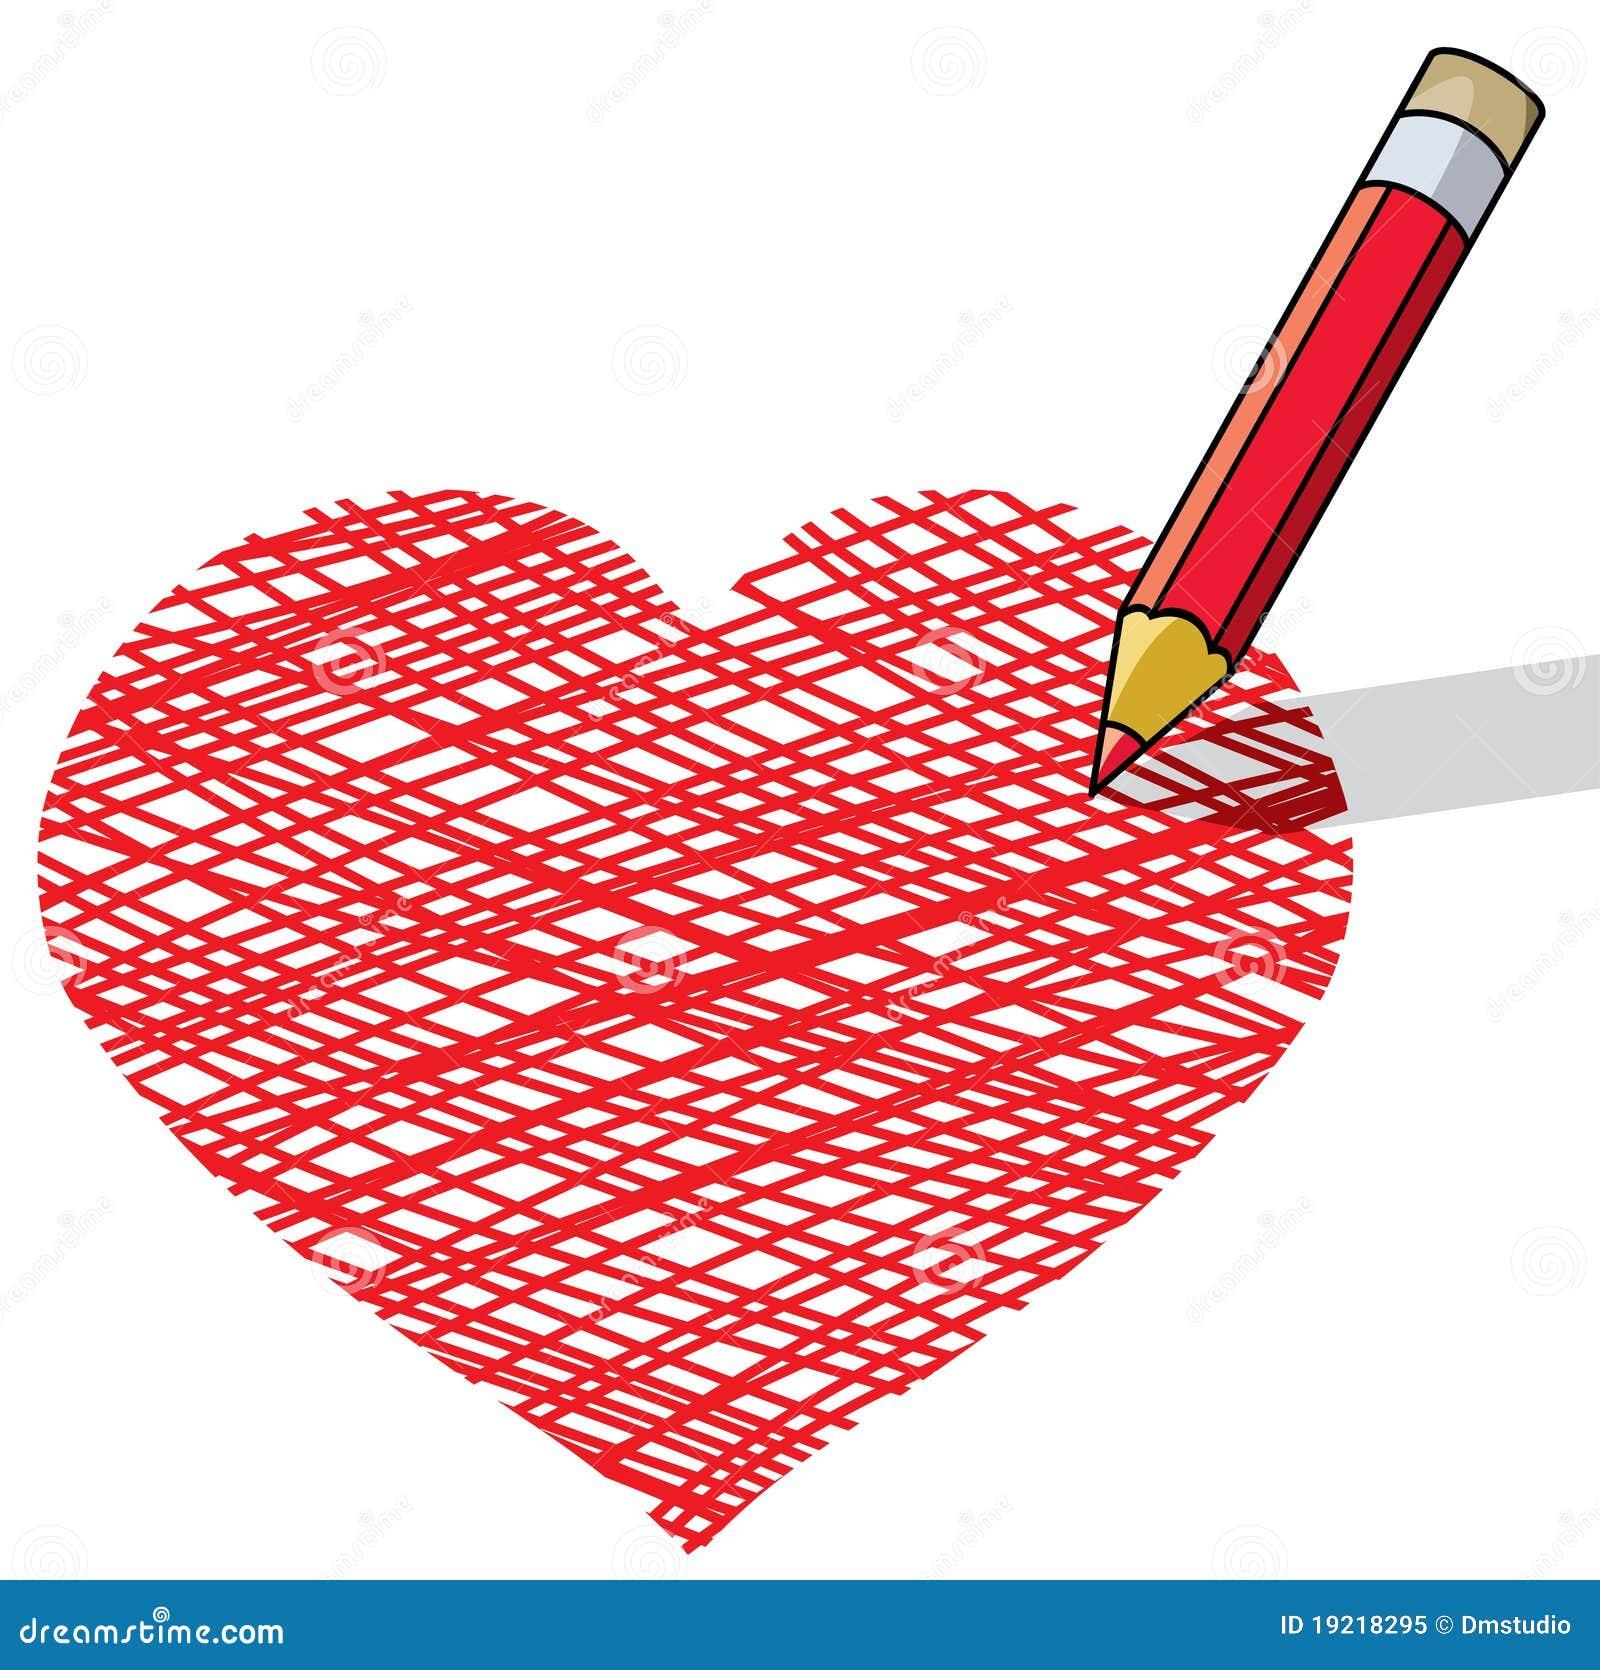 Dessin au crayon un coeur illustration de vecteur - Desin de coeur ...